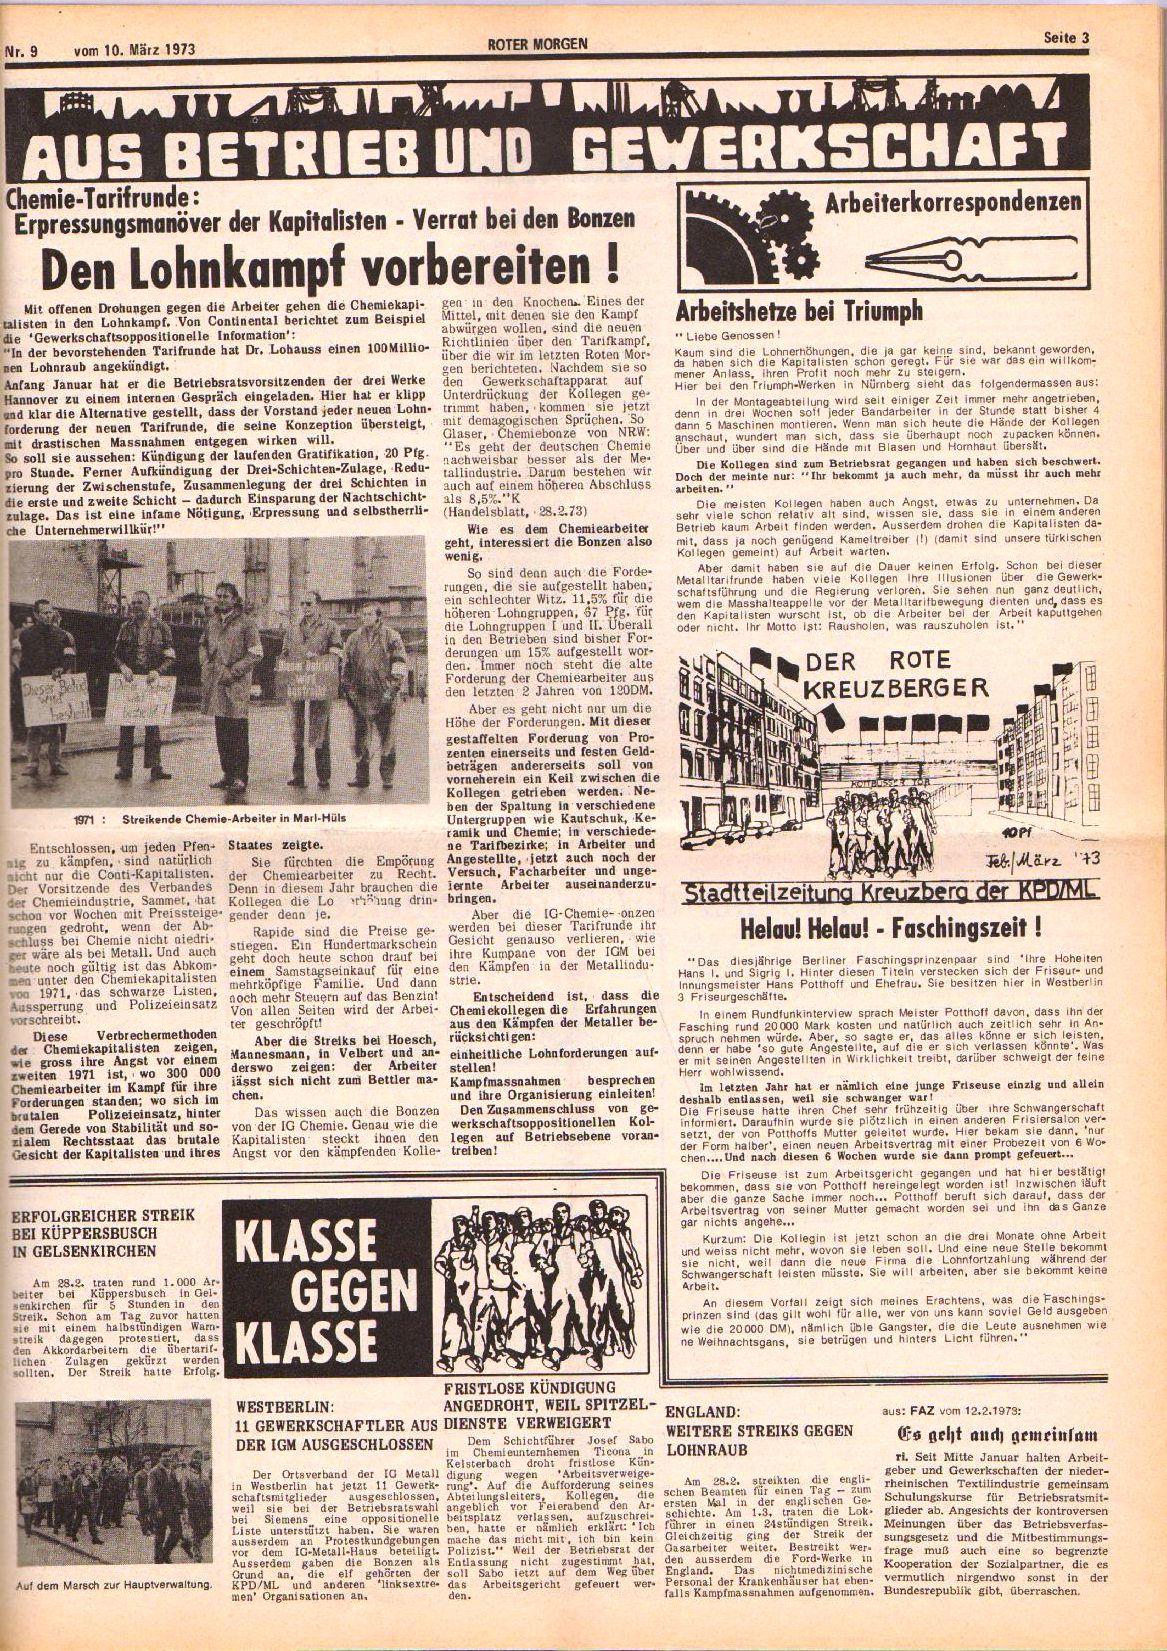 Roter Morgen, 7. Jg., 10. März 1973, Nr. 9, Seite 3